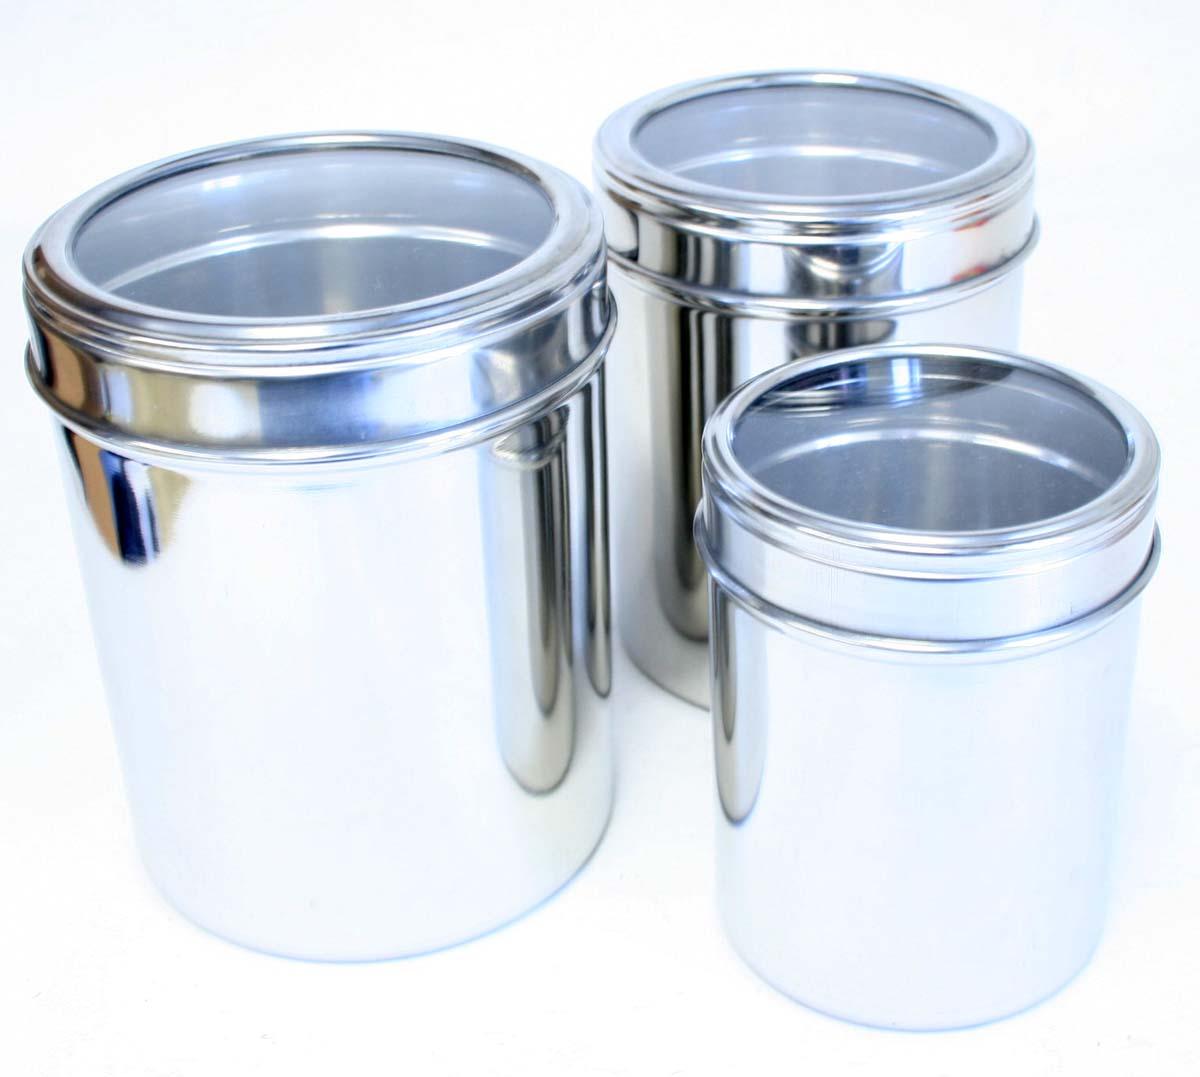 3 piece storage canisters kitchen set w glass lids ebay